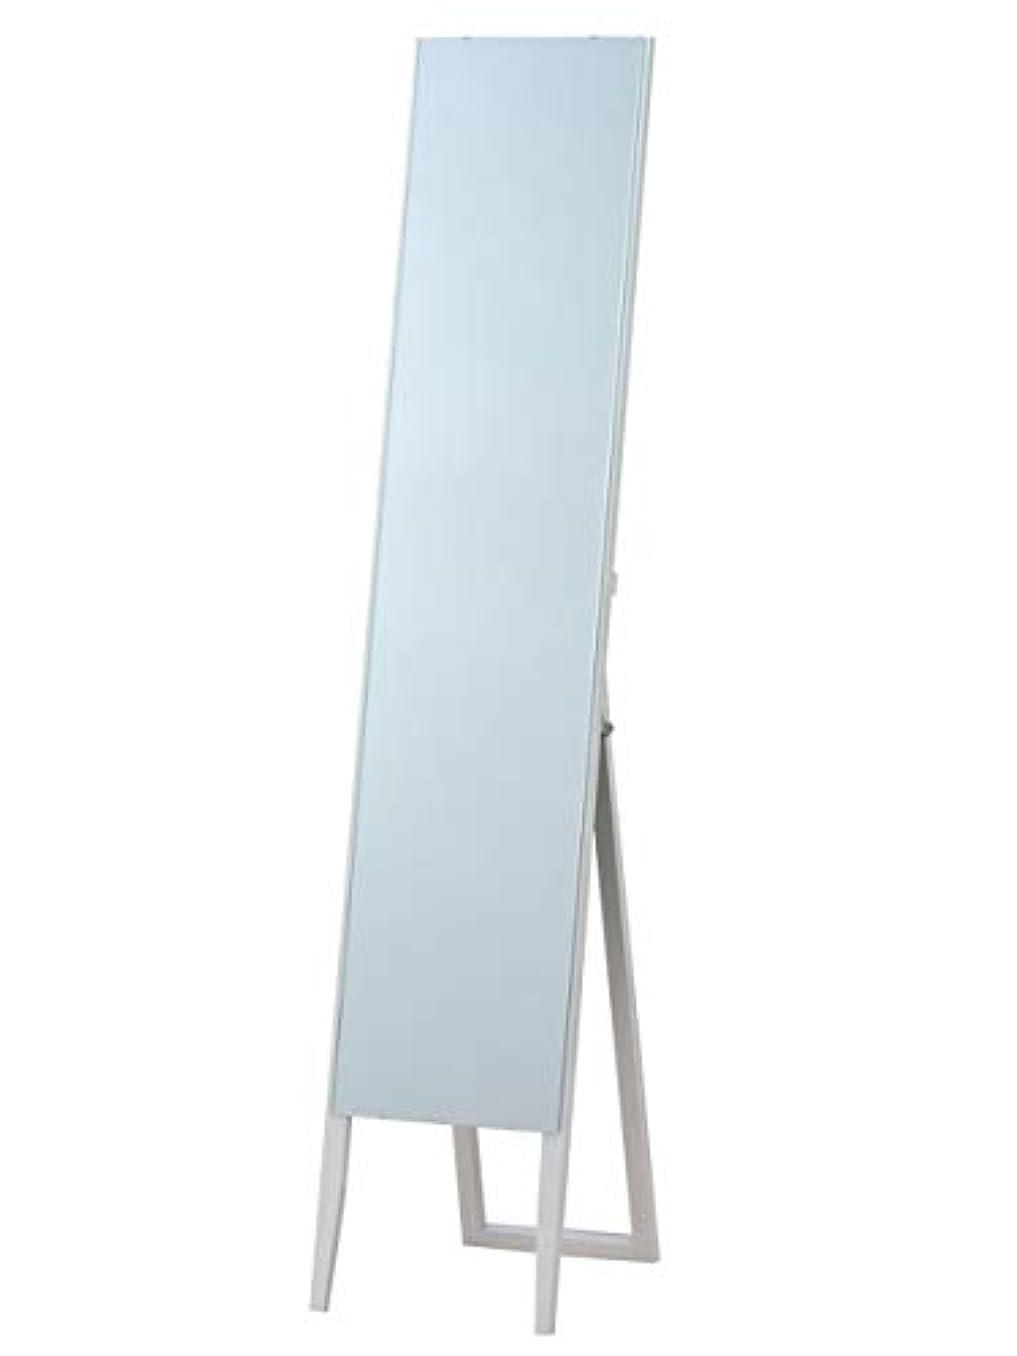 擬人化セットするスイング枠なし ノンフレーム スタンドミラー ホワイト(白) 全身鏡 幅30cm x 高さ150cm 飛散防止 シンプル ミラー ショップ 催事 百貨店 店舗 姿見